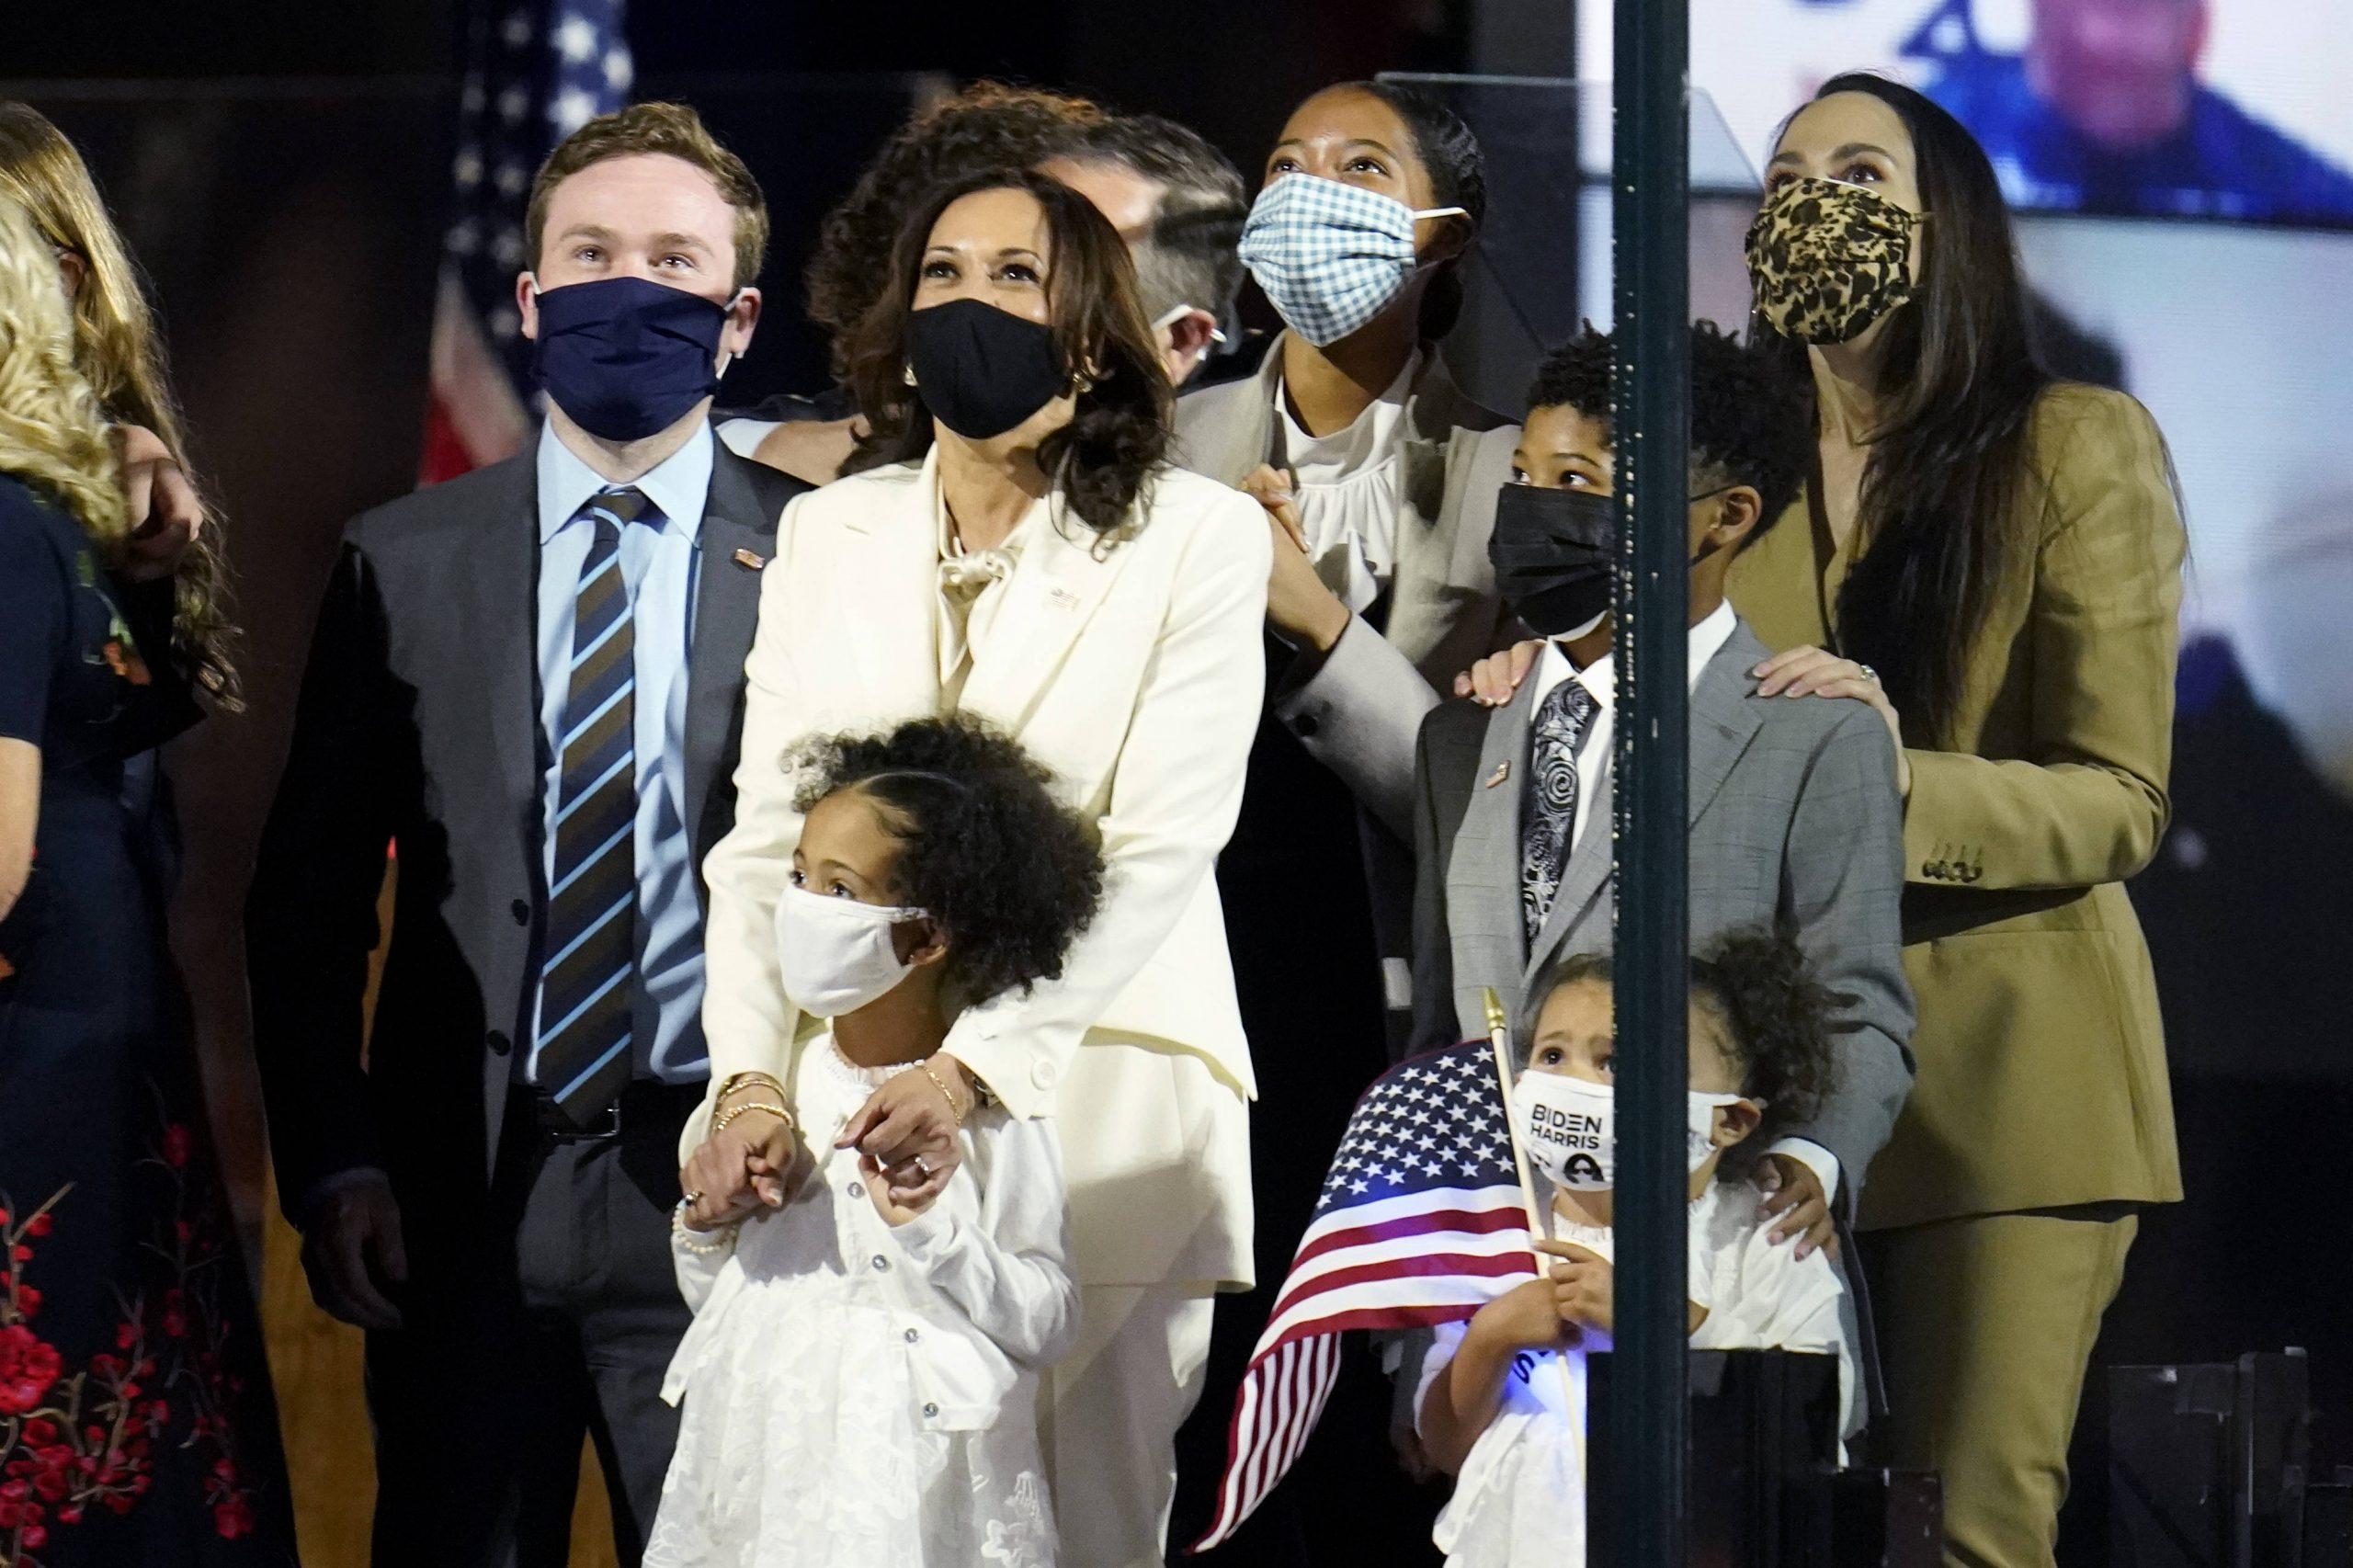 La vice-présidente élue, Kamala Harris, avec sa famille, le 7 novembre, quelques heures après l'annonce de l'élection de Joe Bien à la présidentielle américaine.